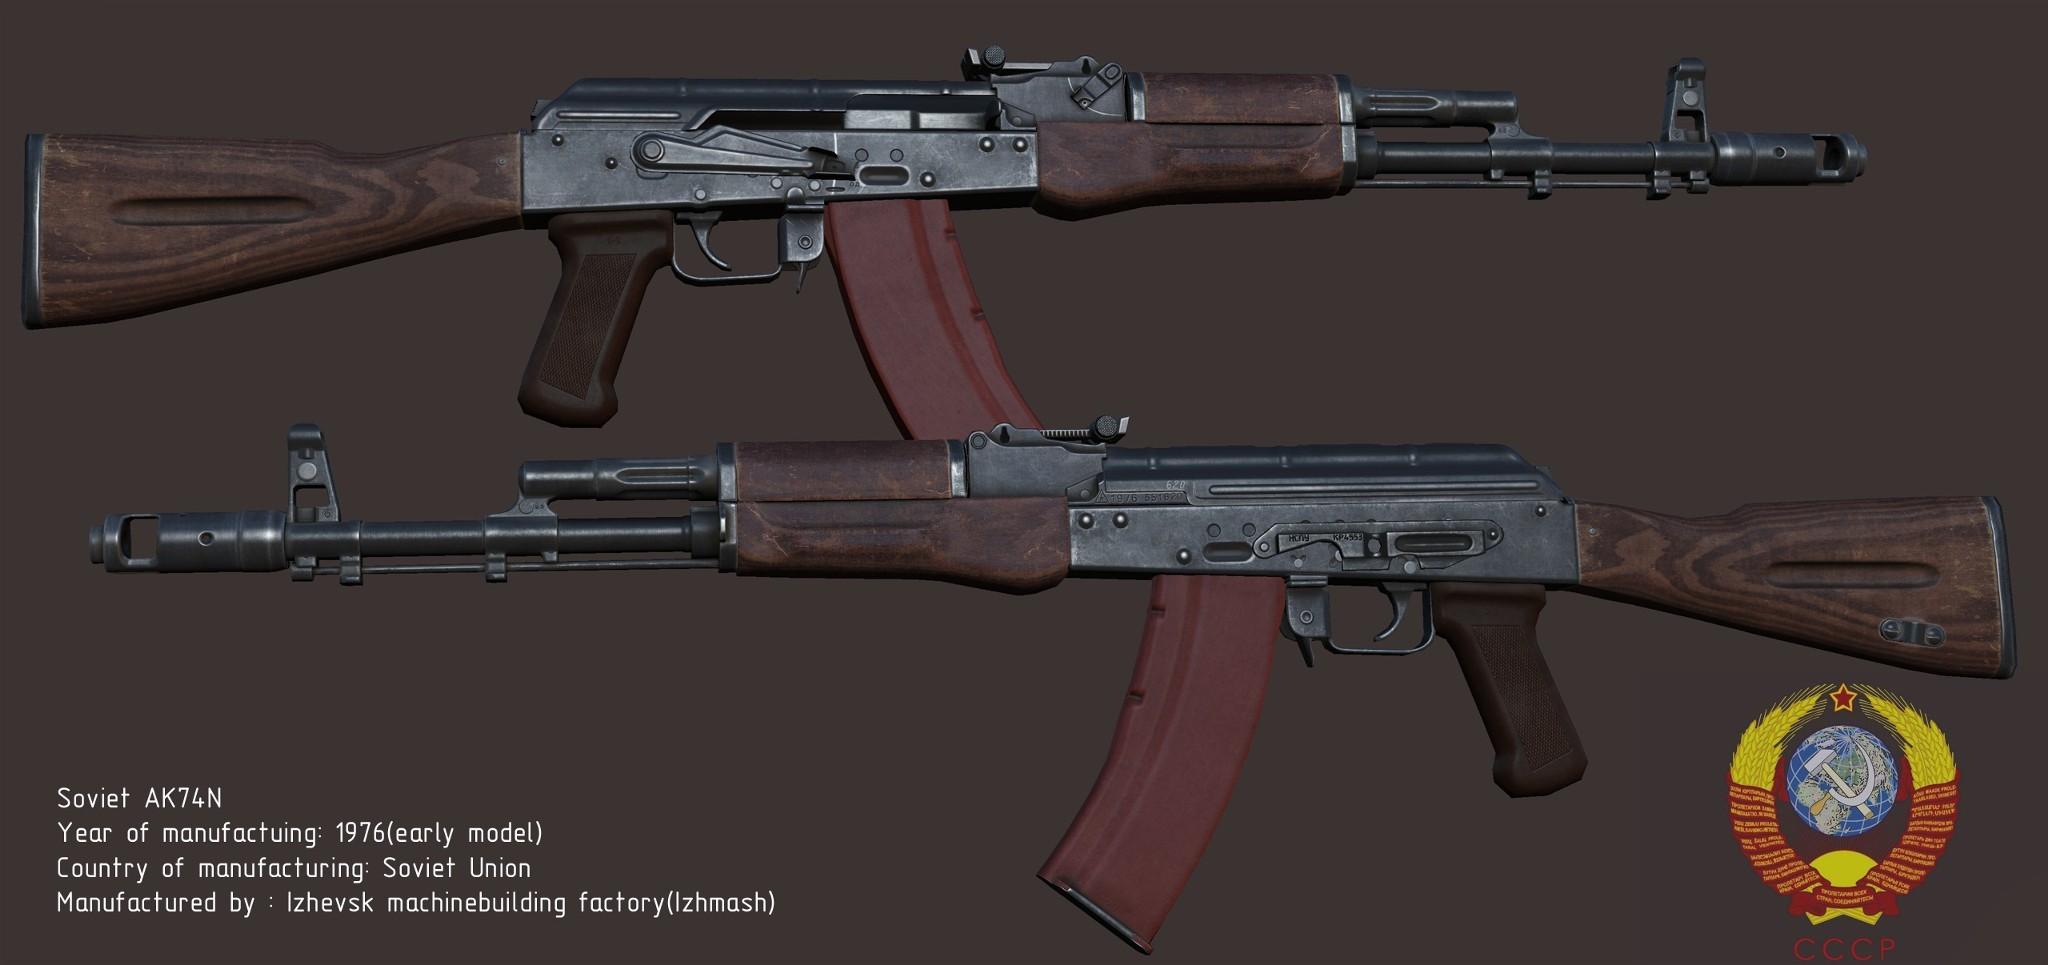 دانلود اسکین Ak47 | Mr.Rifleman's برای کانتر سورس